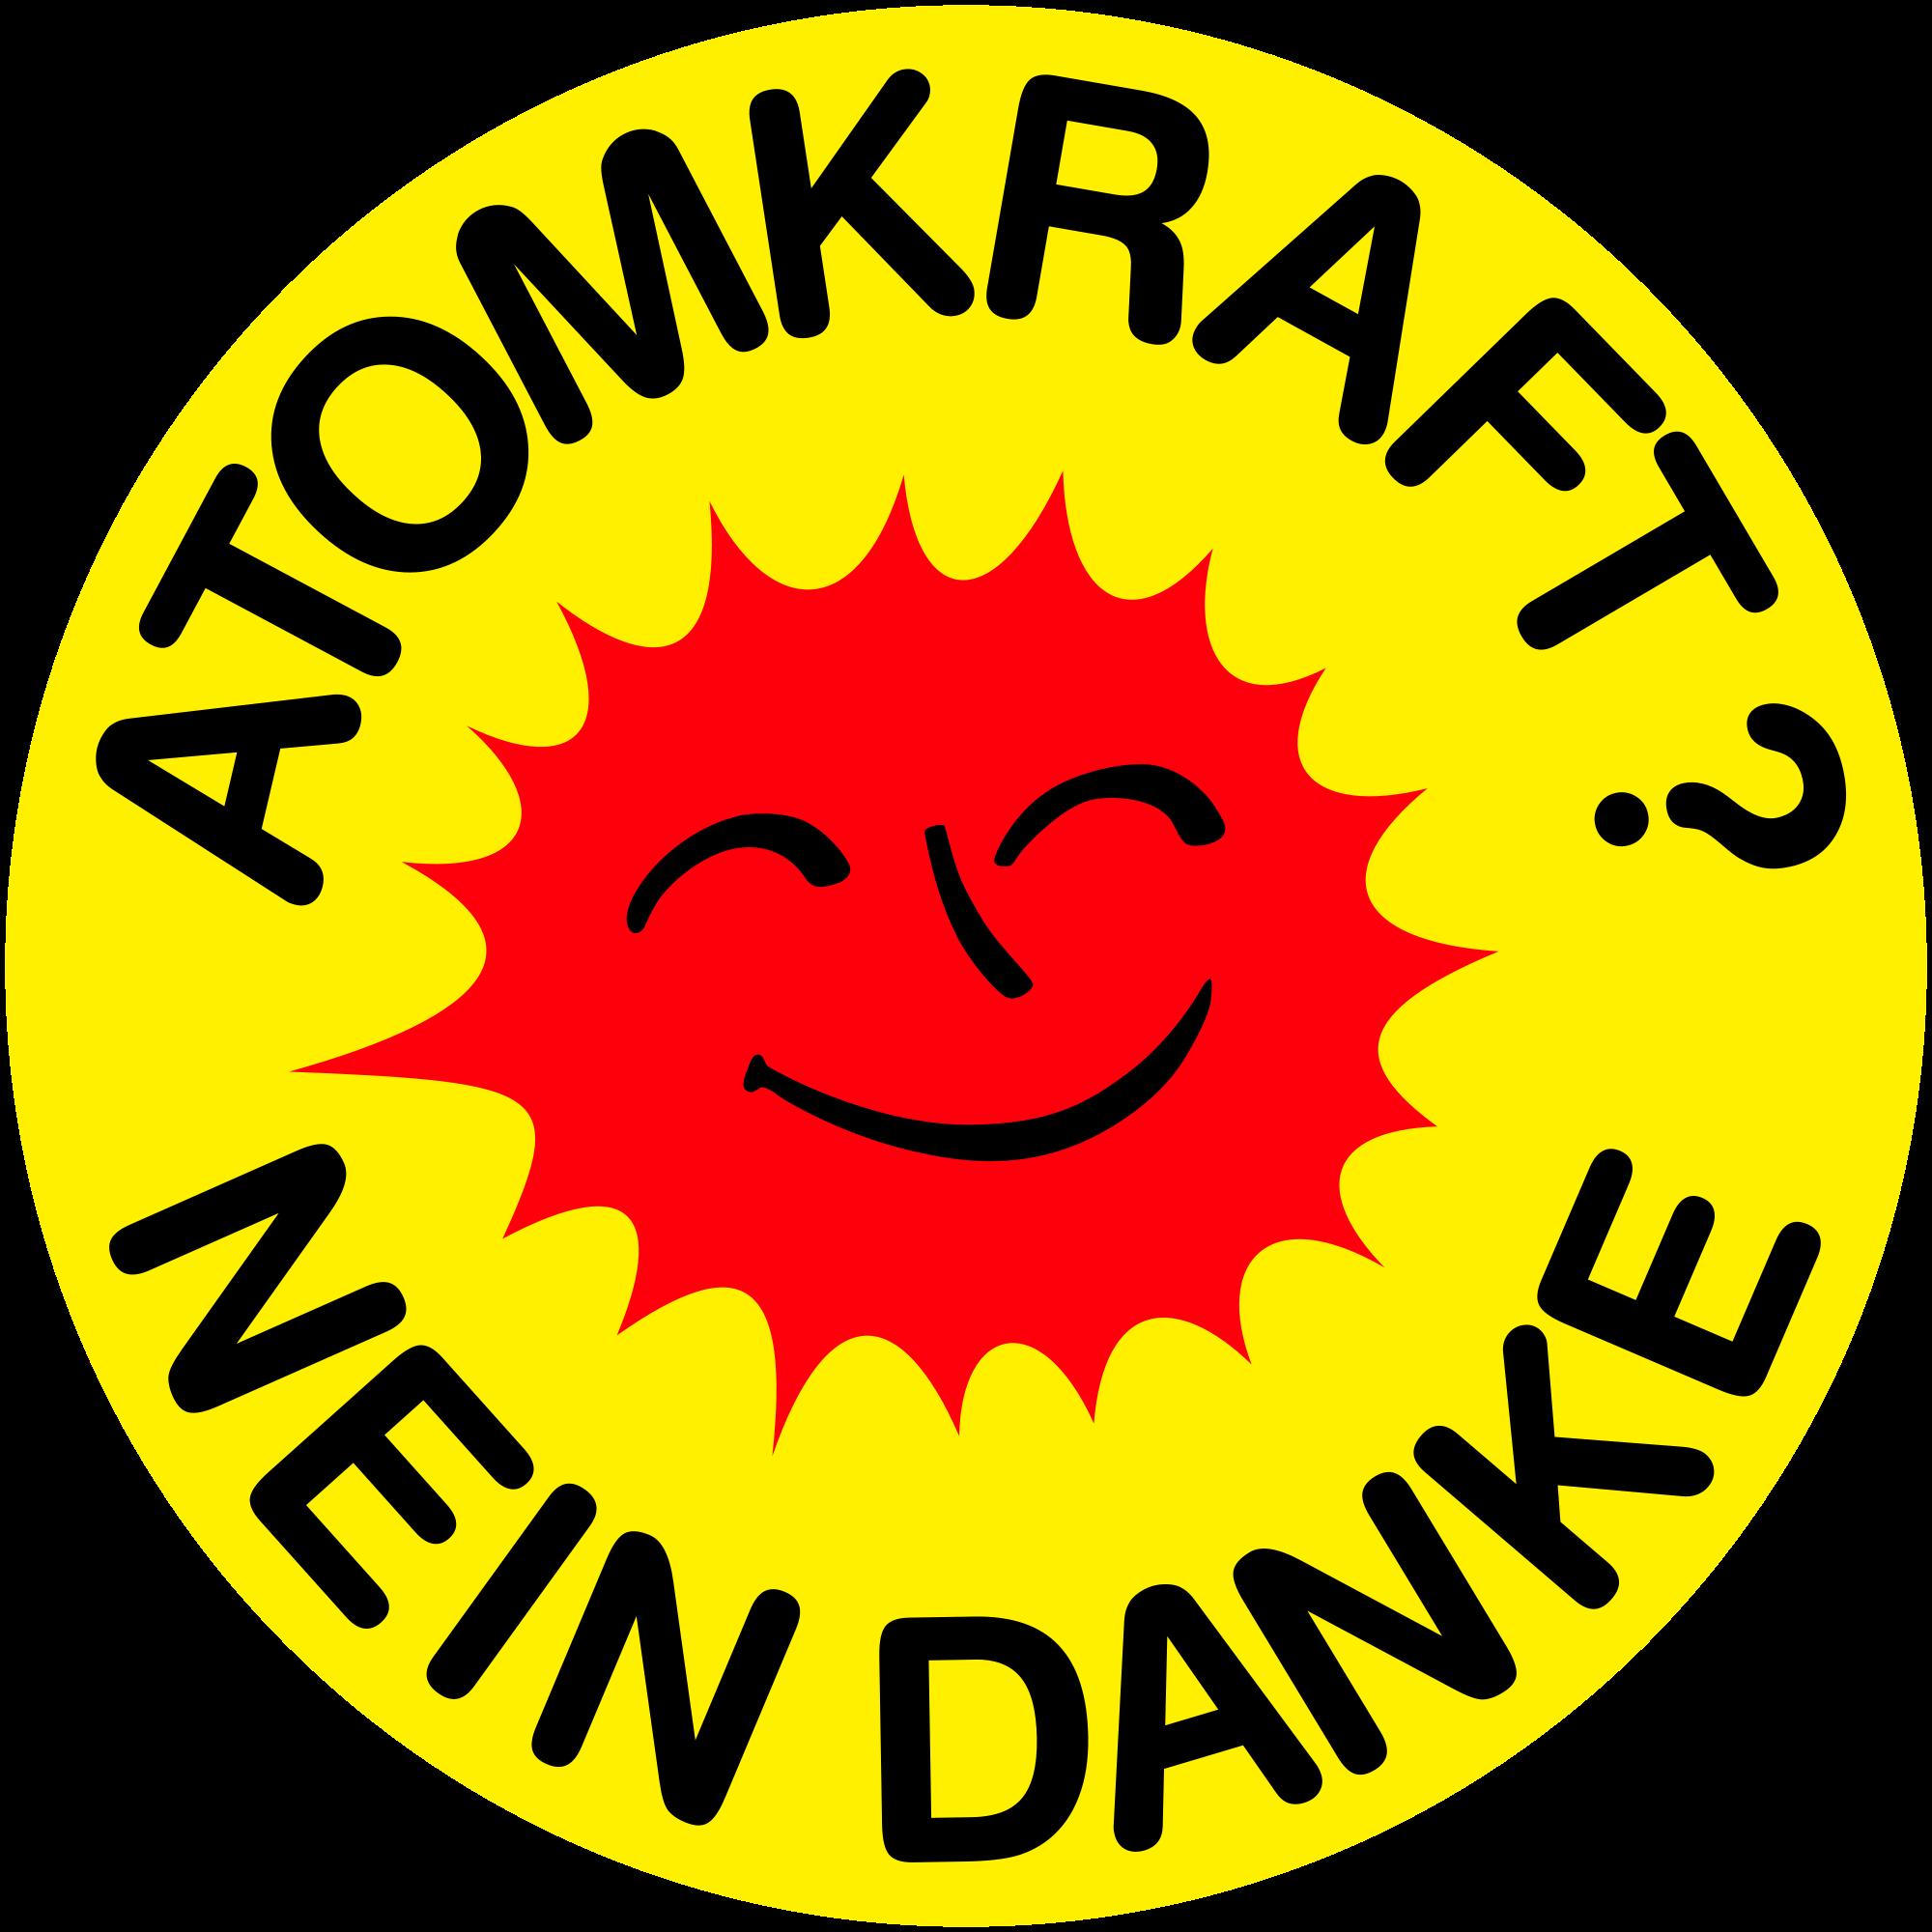 Atomkraft - Nein danke!